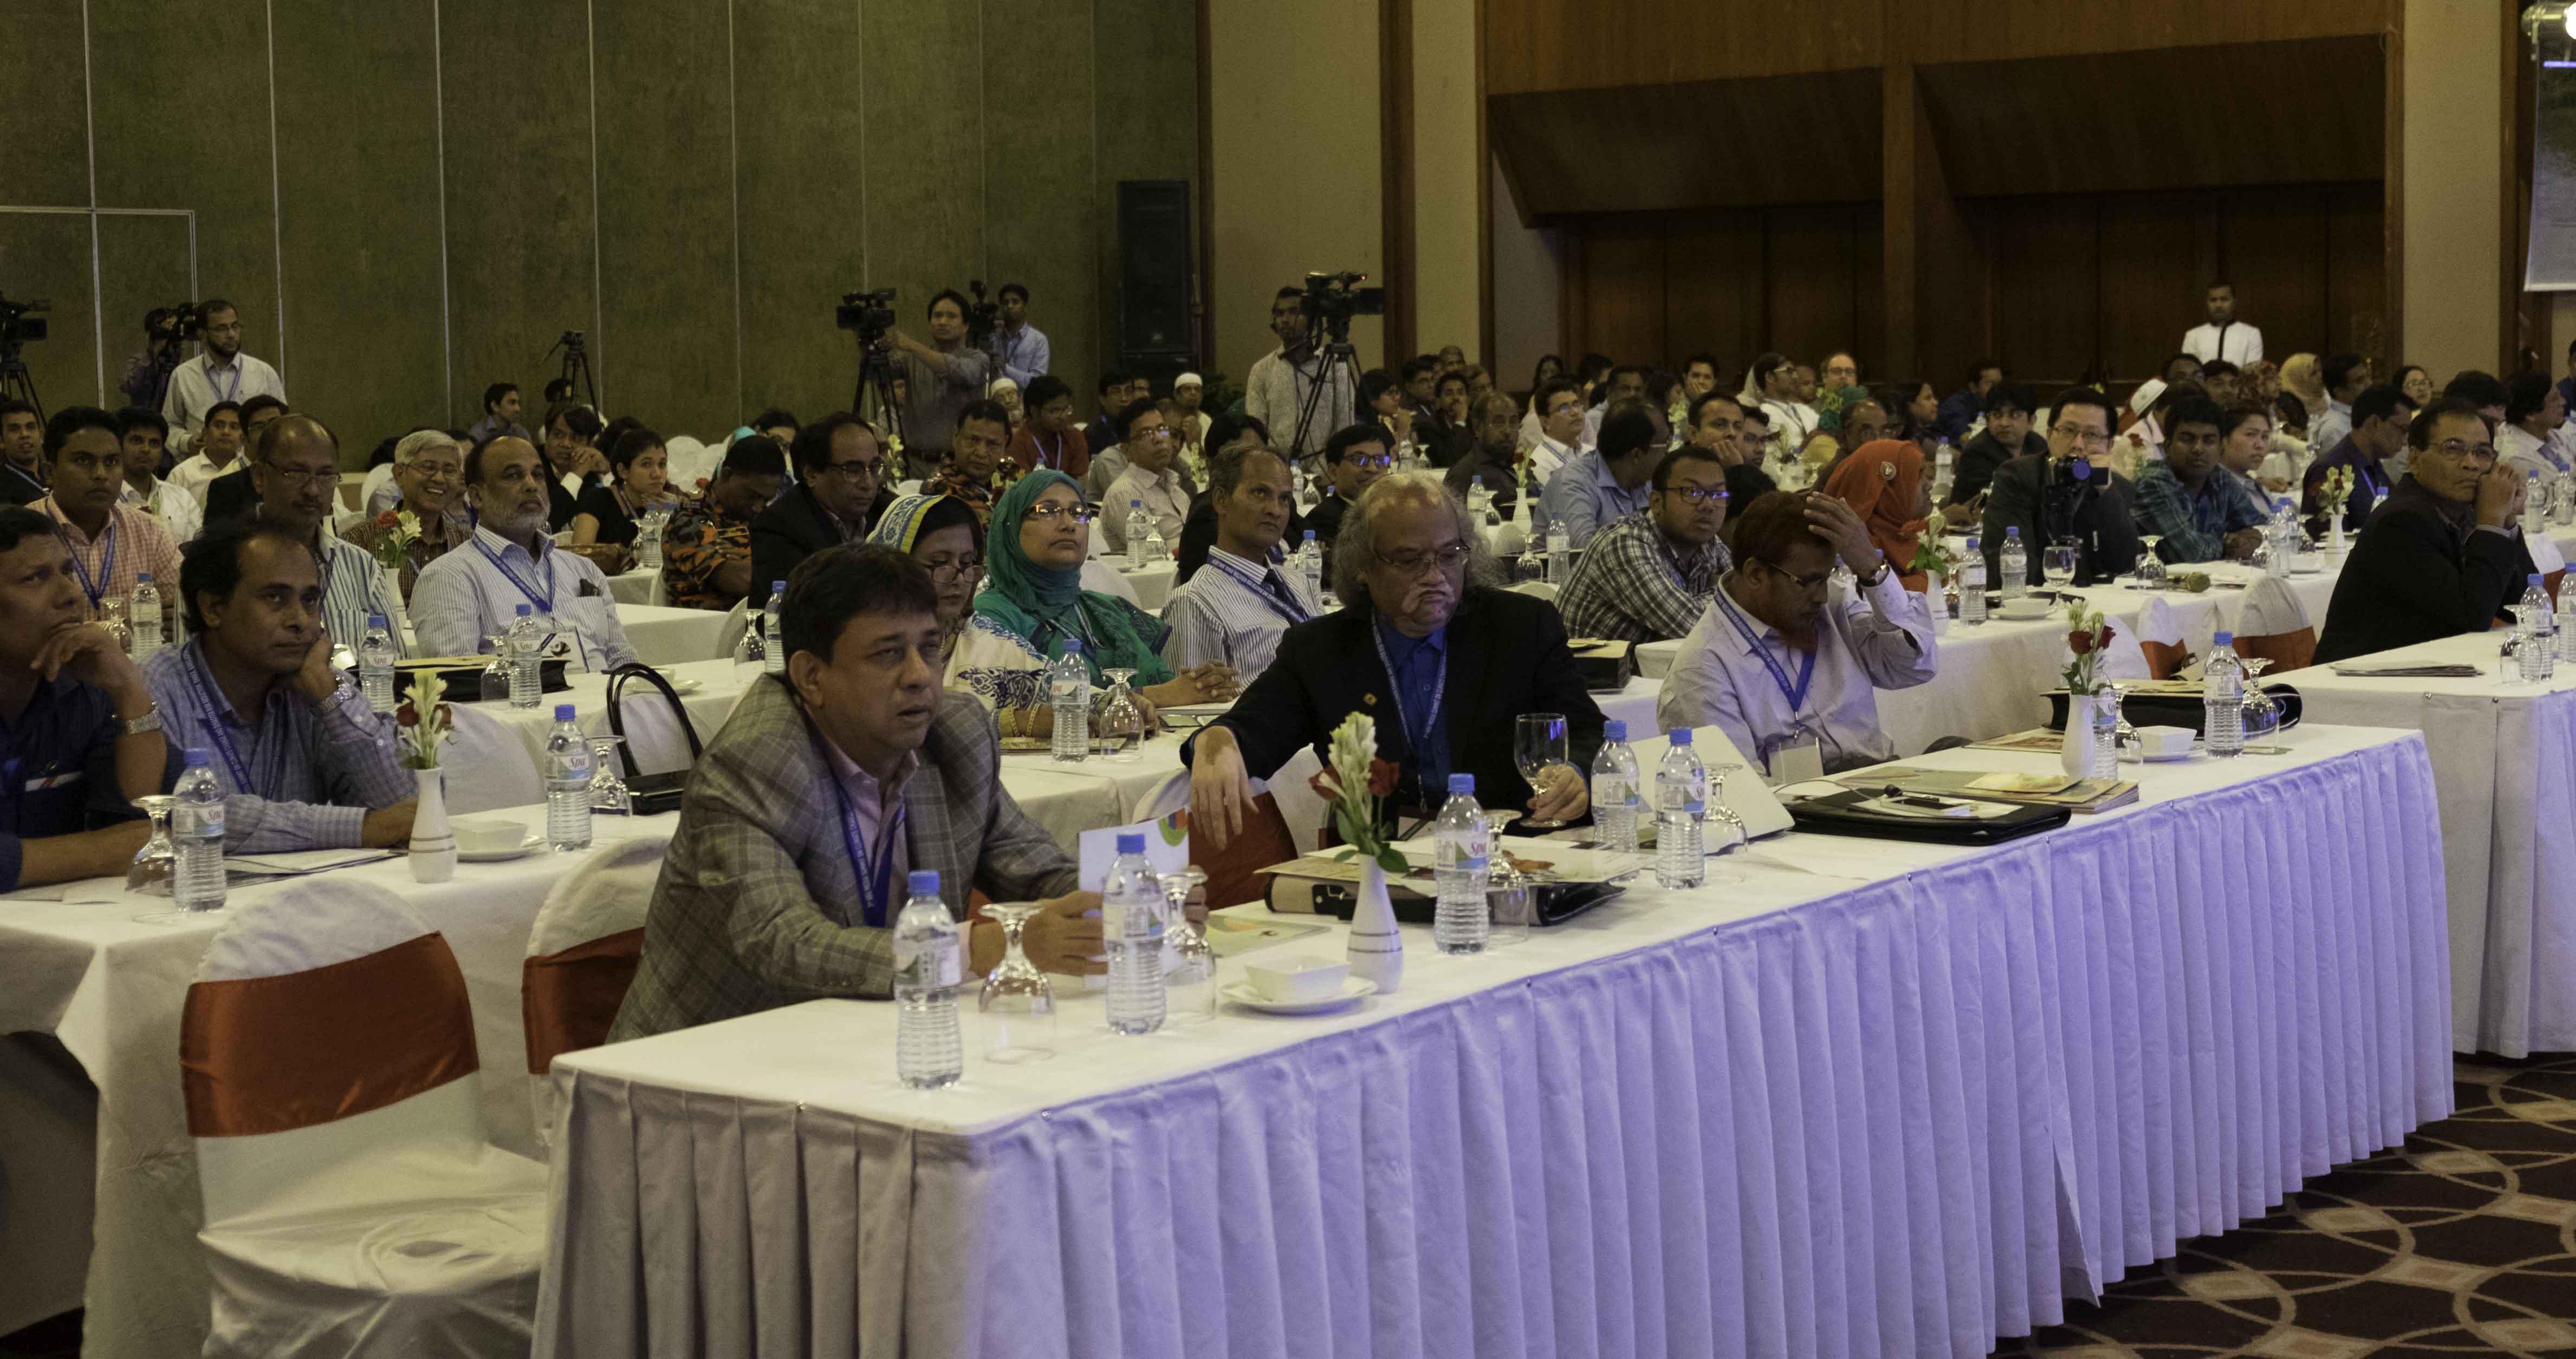 Conference partcipants